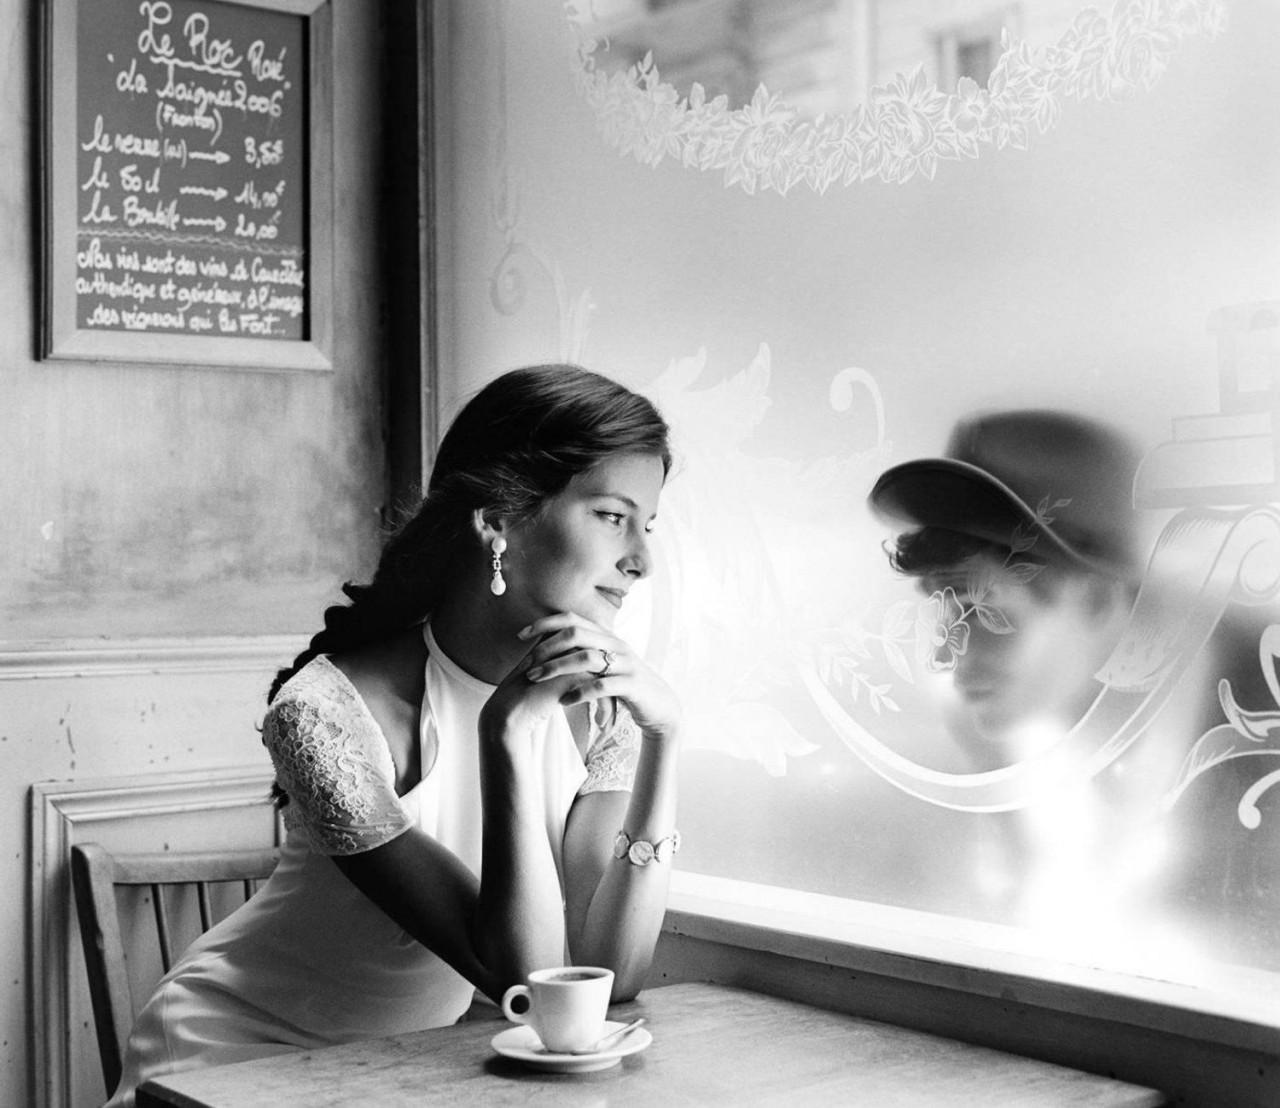 Кафе, Париж, 2007. Фотограф Родни Смит